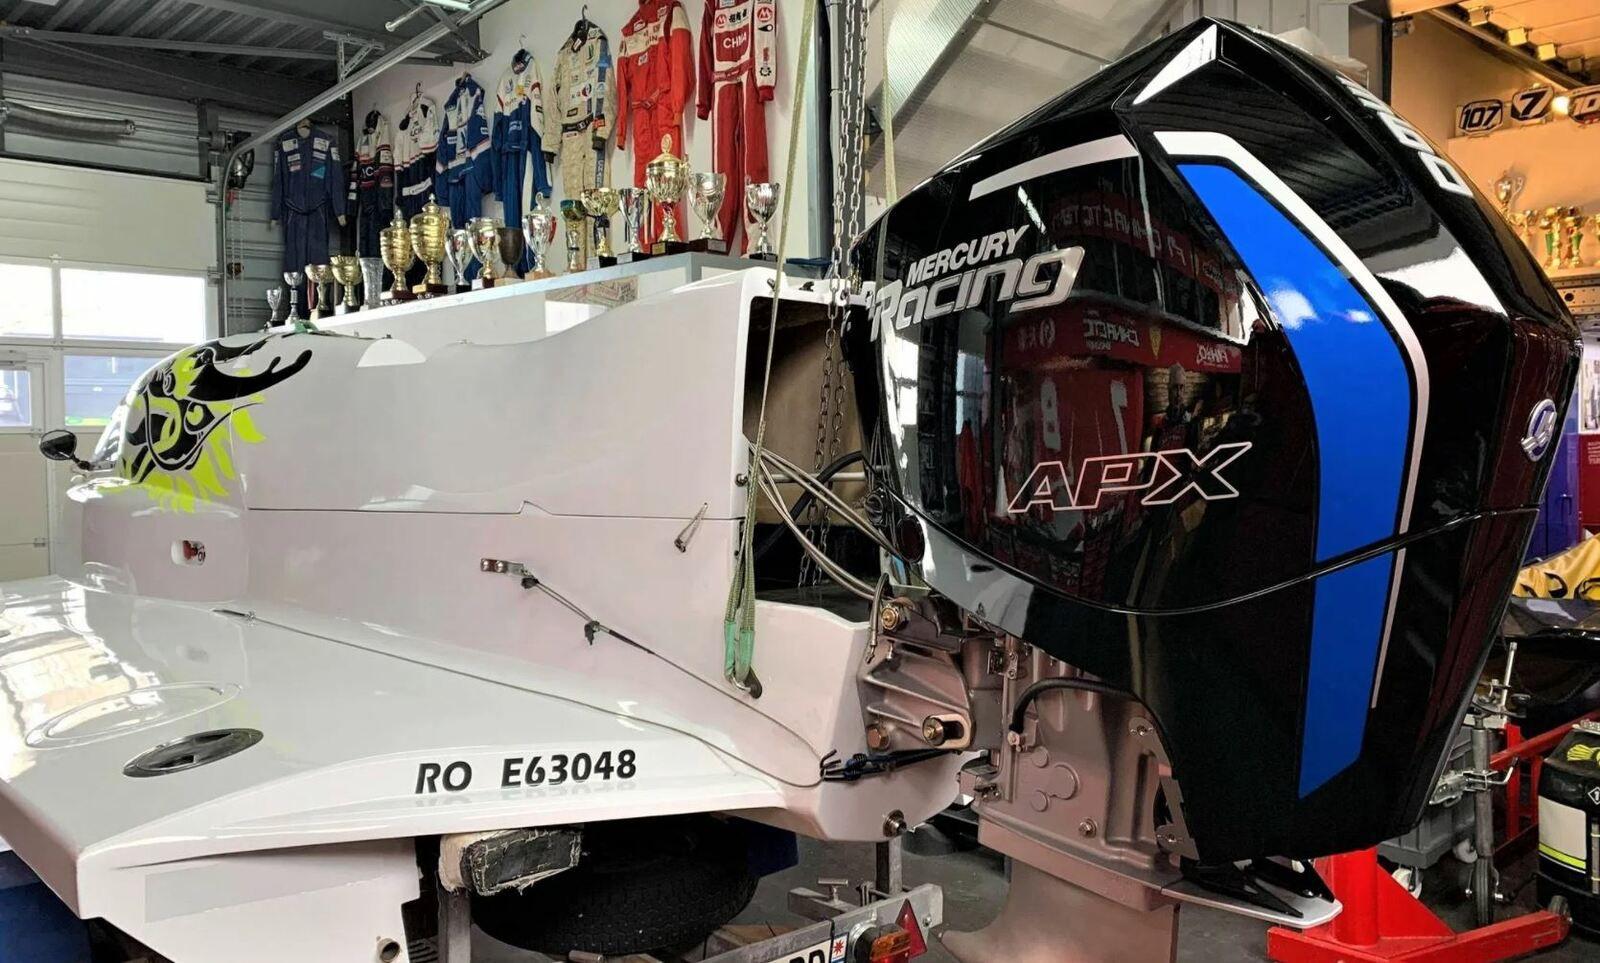 Le premier moteur hors-bord Mercury Racing 360 APX européen, réceptionné à La Rochelle